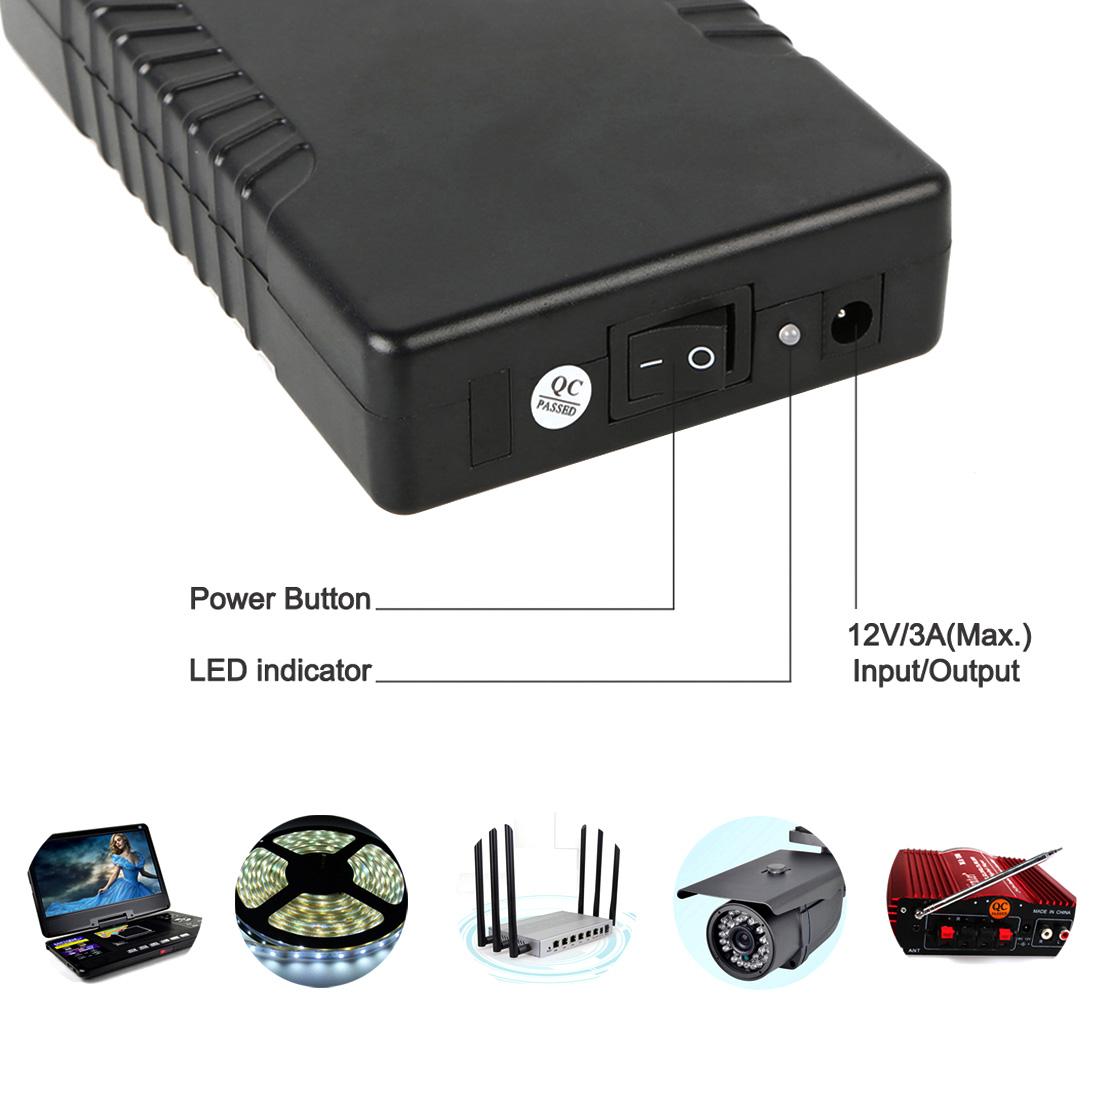 Led Battery Bank Monitor : Hot sale portable v mah li ion power bank battery